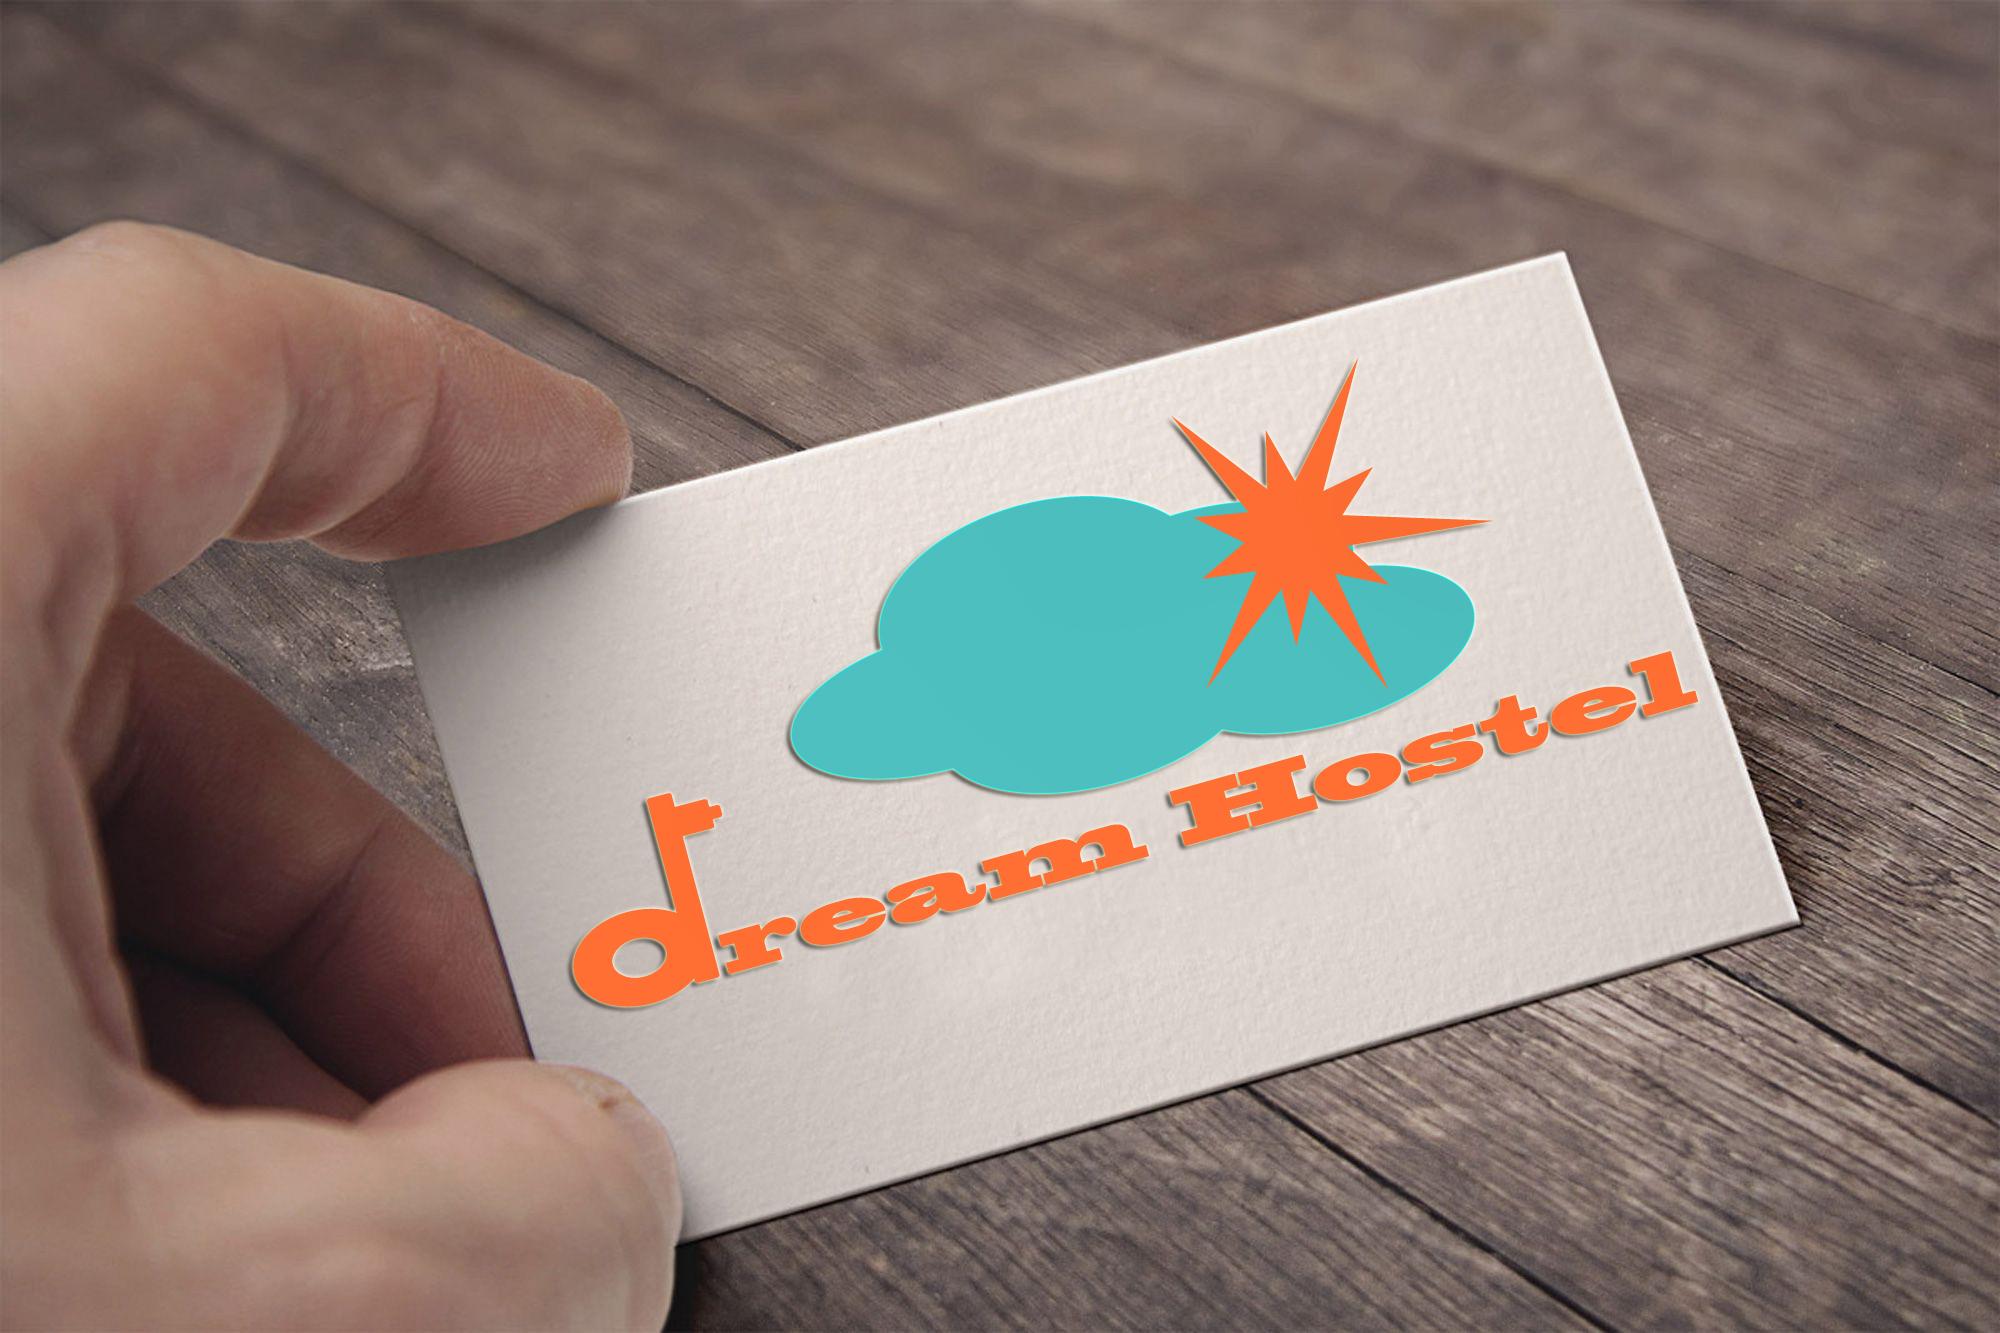 Нужна разработка логотипа, фирменного знака и фирменного сти фото f_170546cb85a4c174.jpg